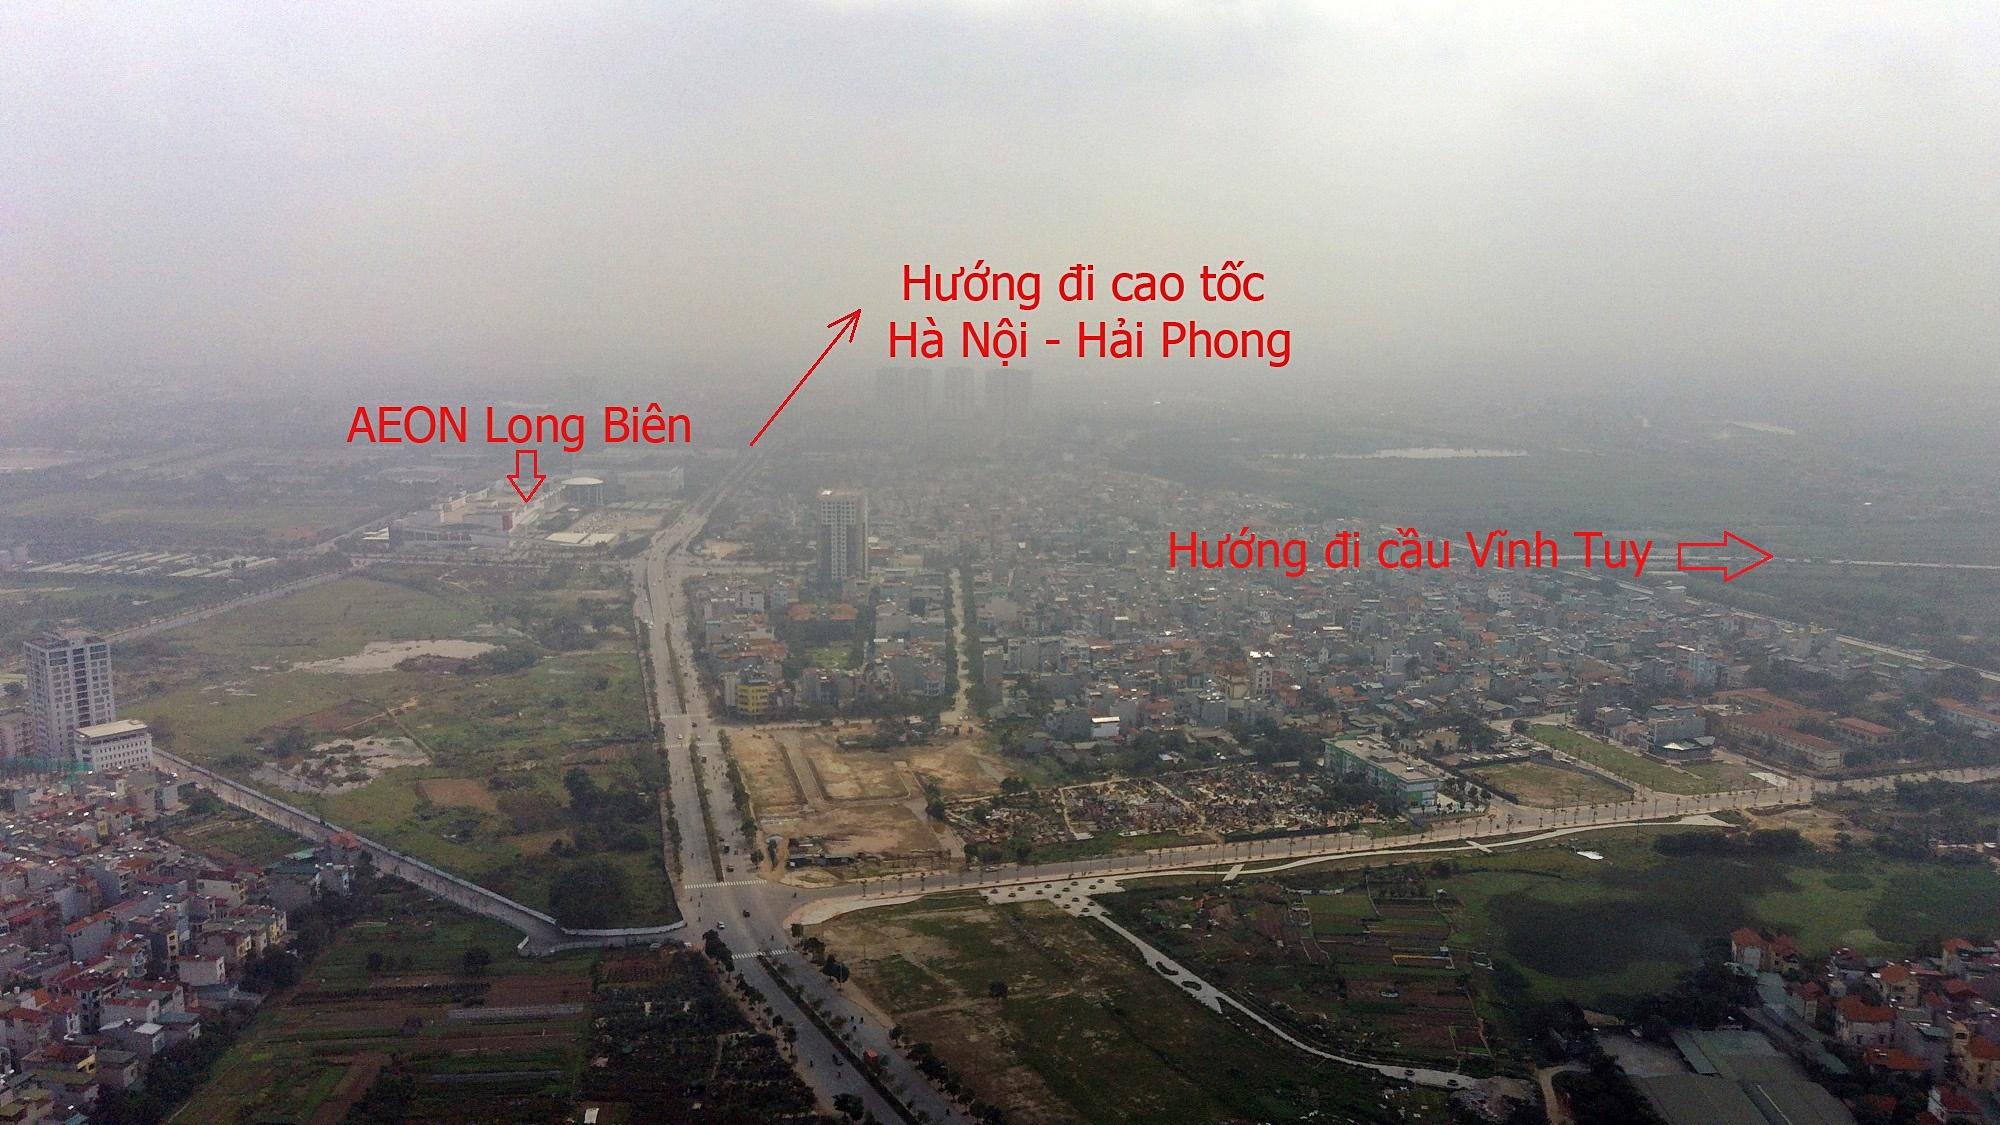 Cầu sẽ mở theo qui hoạch ở Hà Nội: Toành cảnh vị trí làm cầu Giang Biên - Ảnh 11.